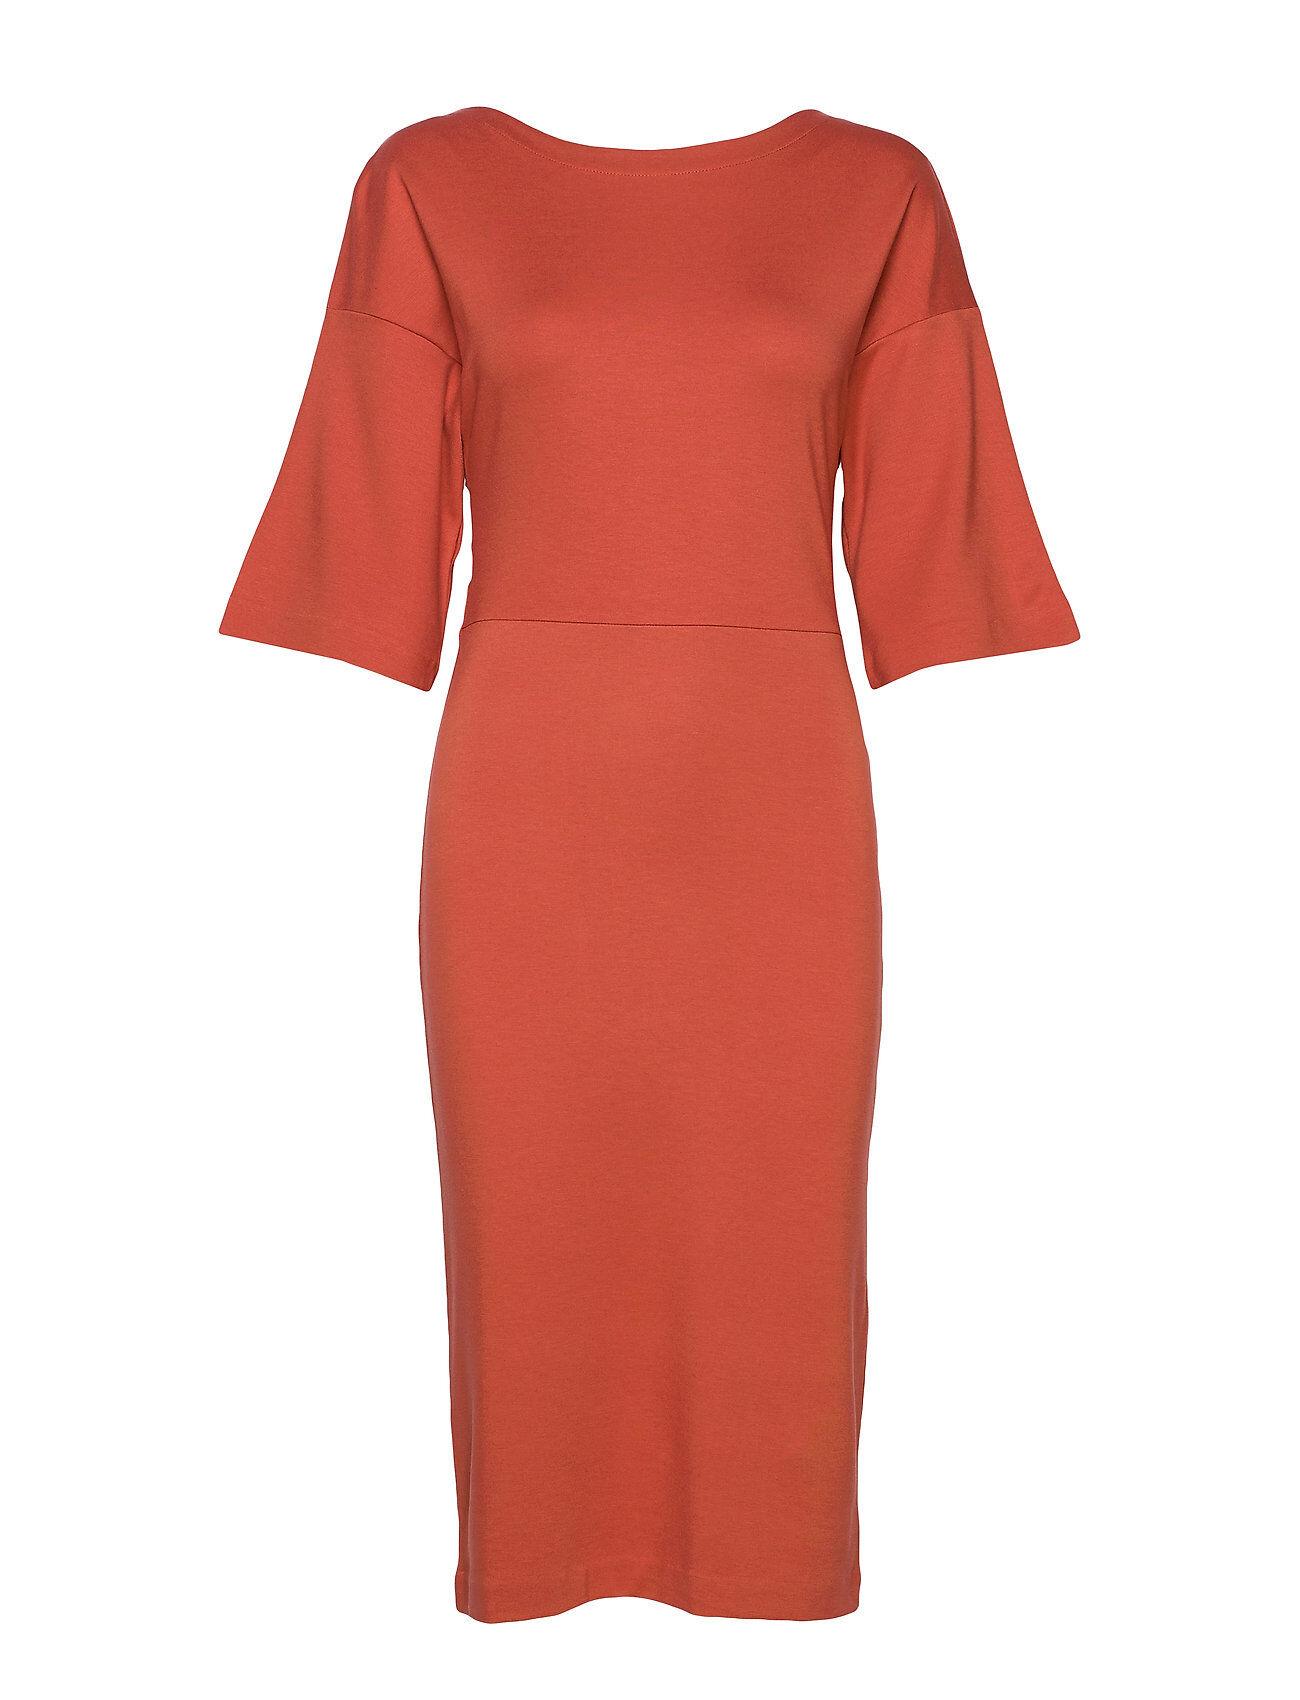 Residus Winifred Dress Polvipituinen Mekko Oranssi Residus